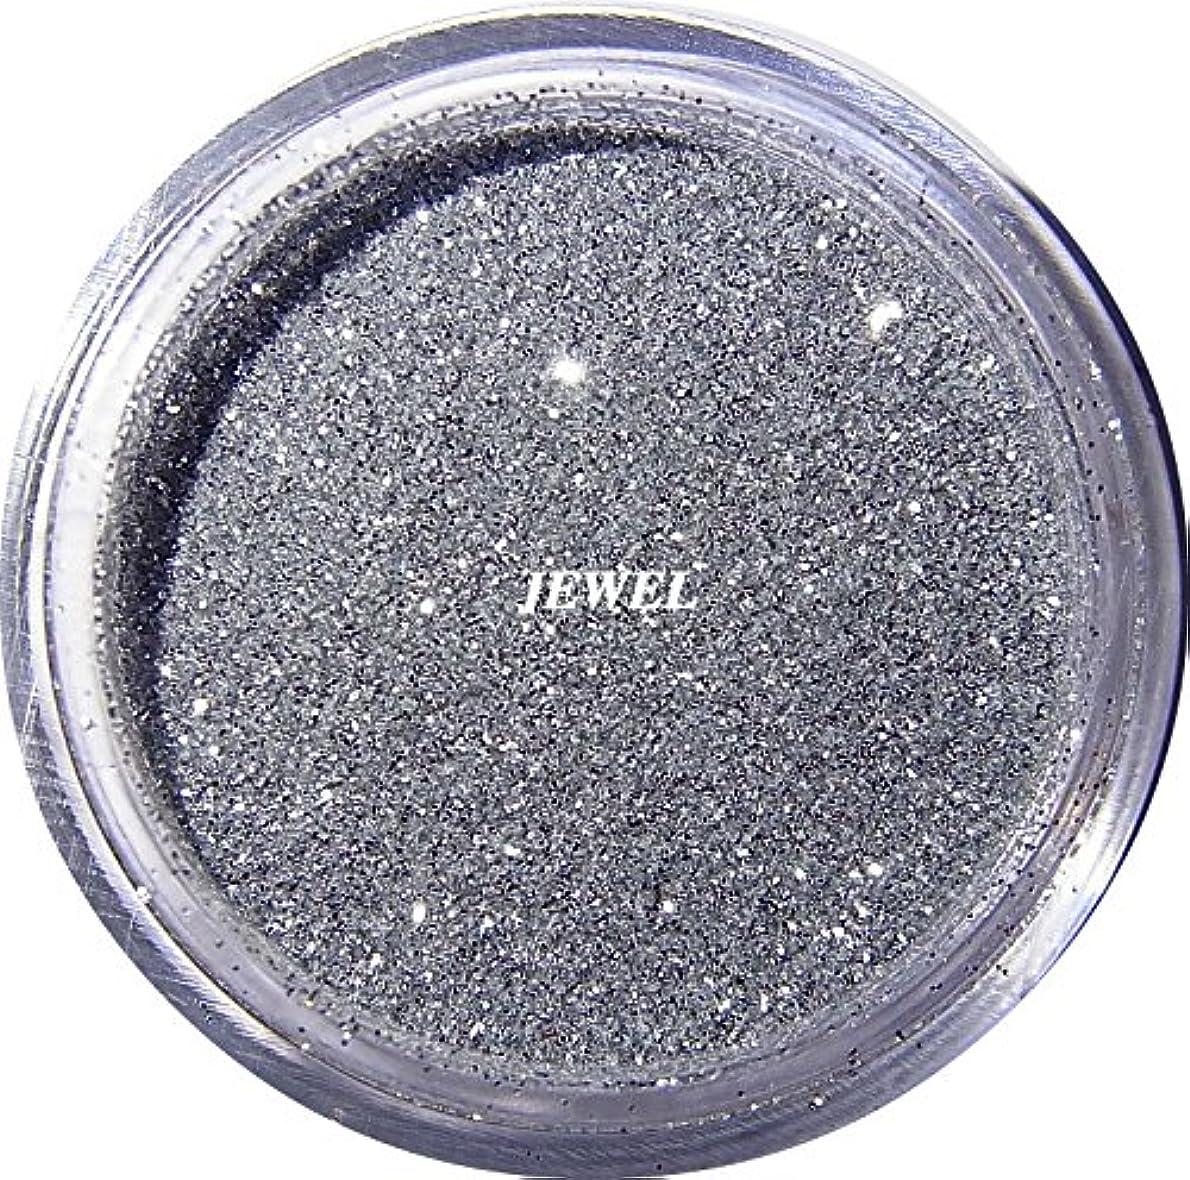 パーツアンデス山脈漫画【jewel】 超微粒子ラメパウダーたっぷり2g入り 12色から選択可能 レジン&ネイル用 (シルバー)